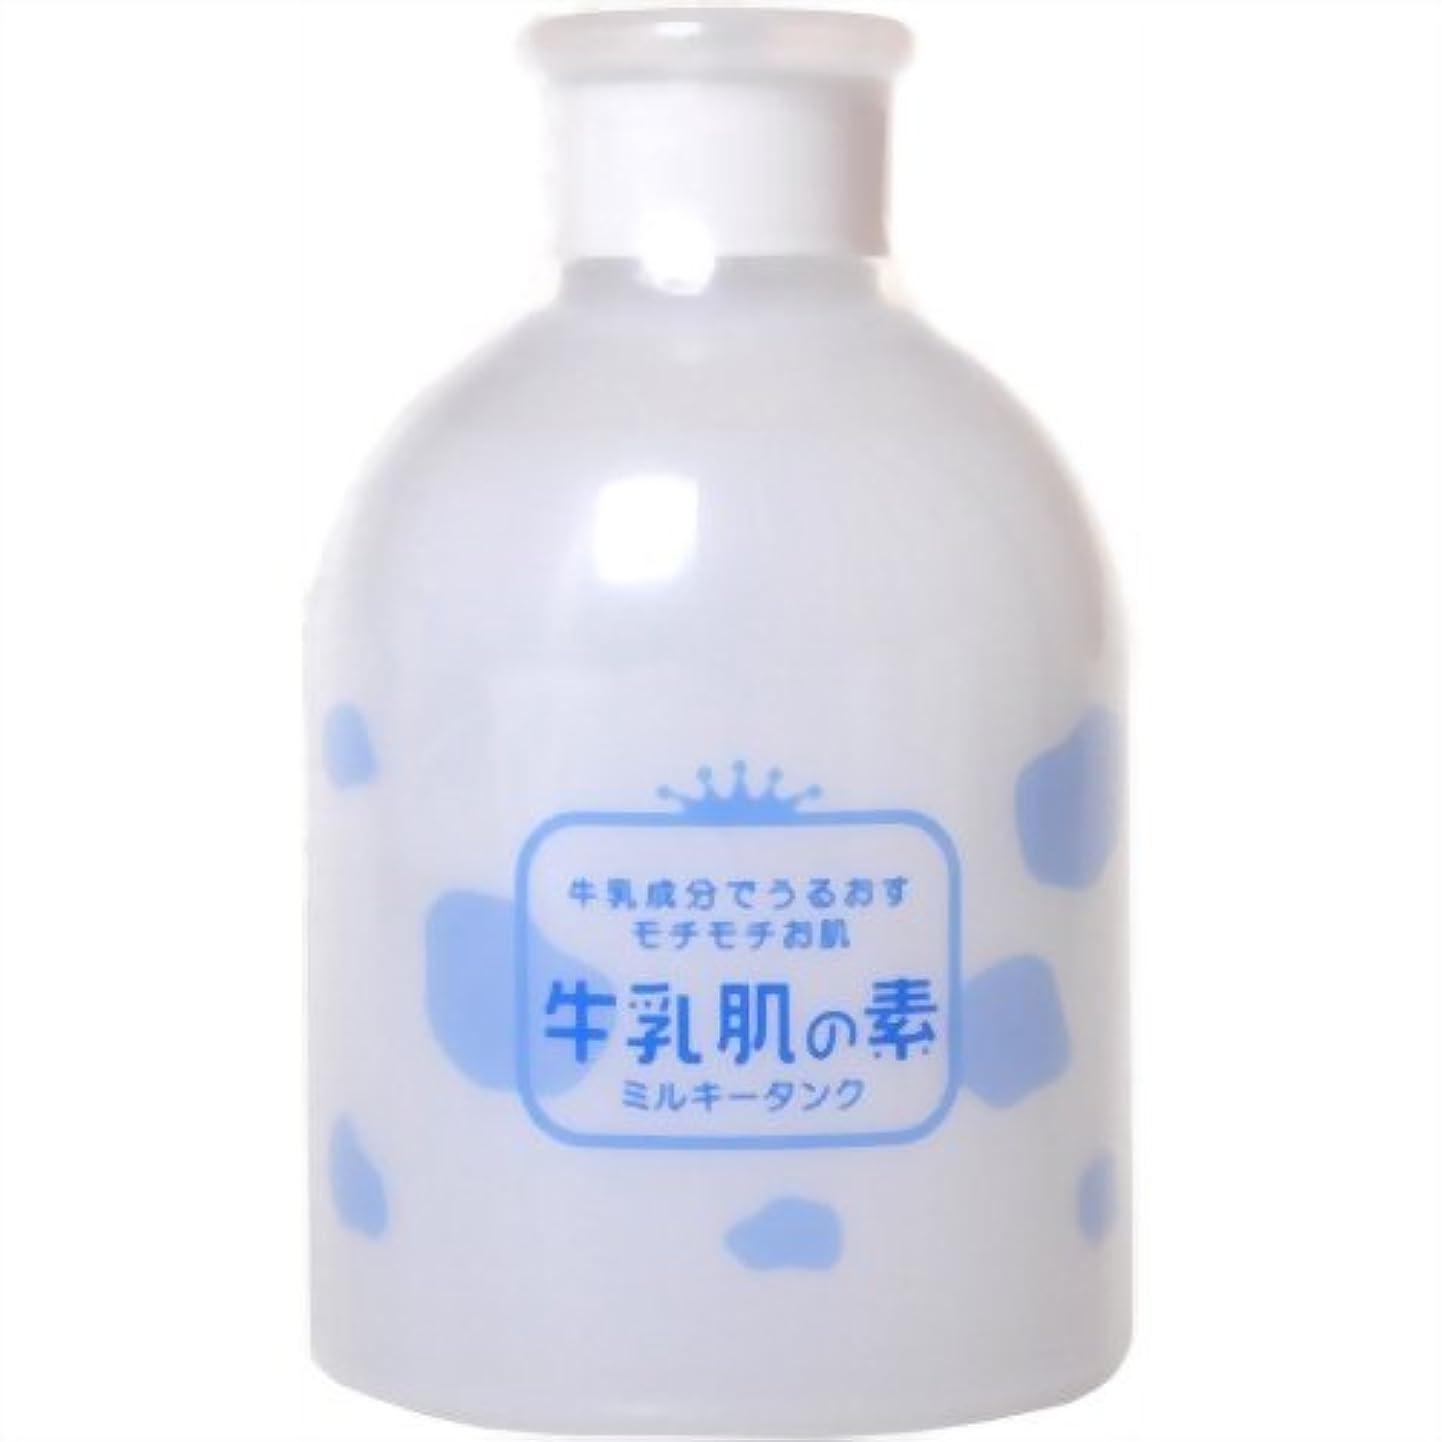 収入インディカ文牛乳肌の素 ミルキータンク(化粧水) 300ml